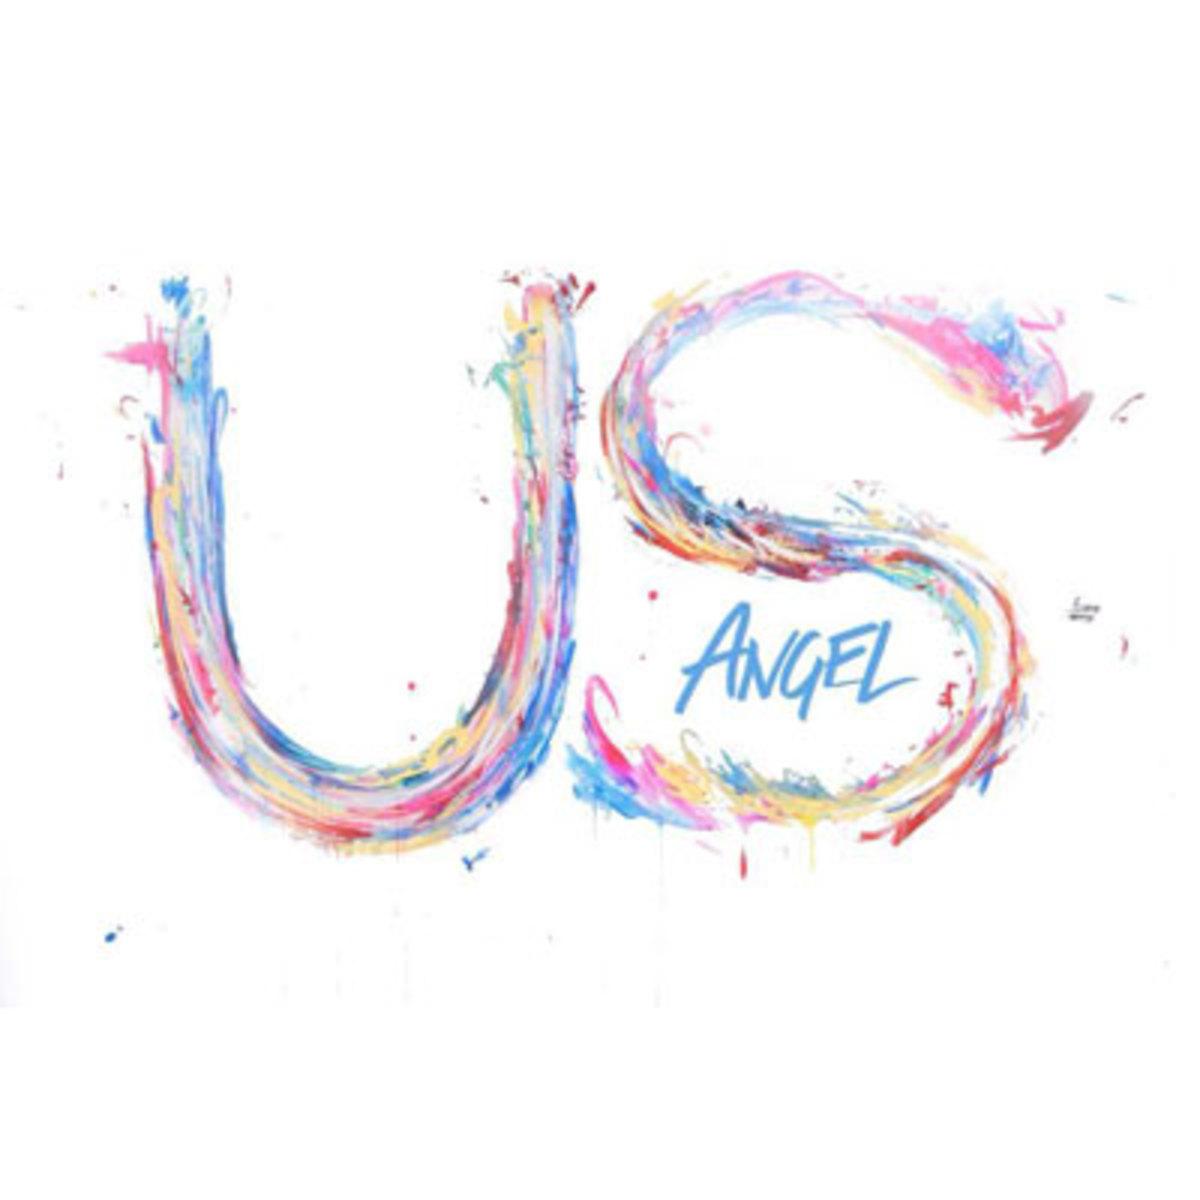 angel-us.jpg